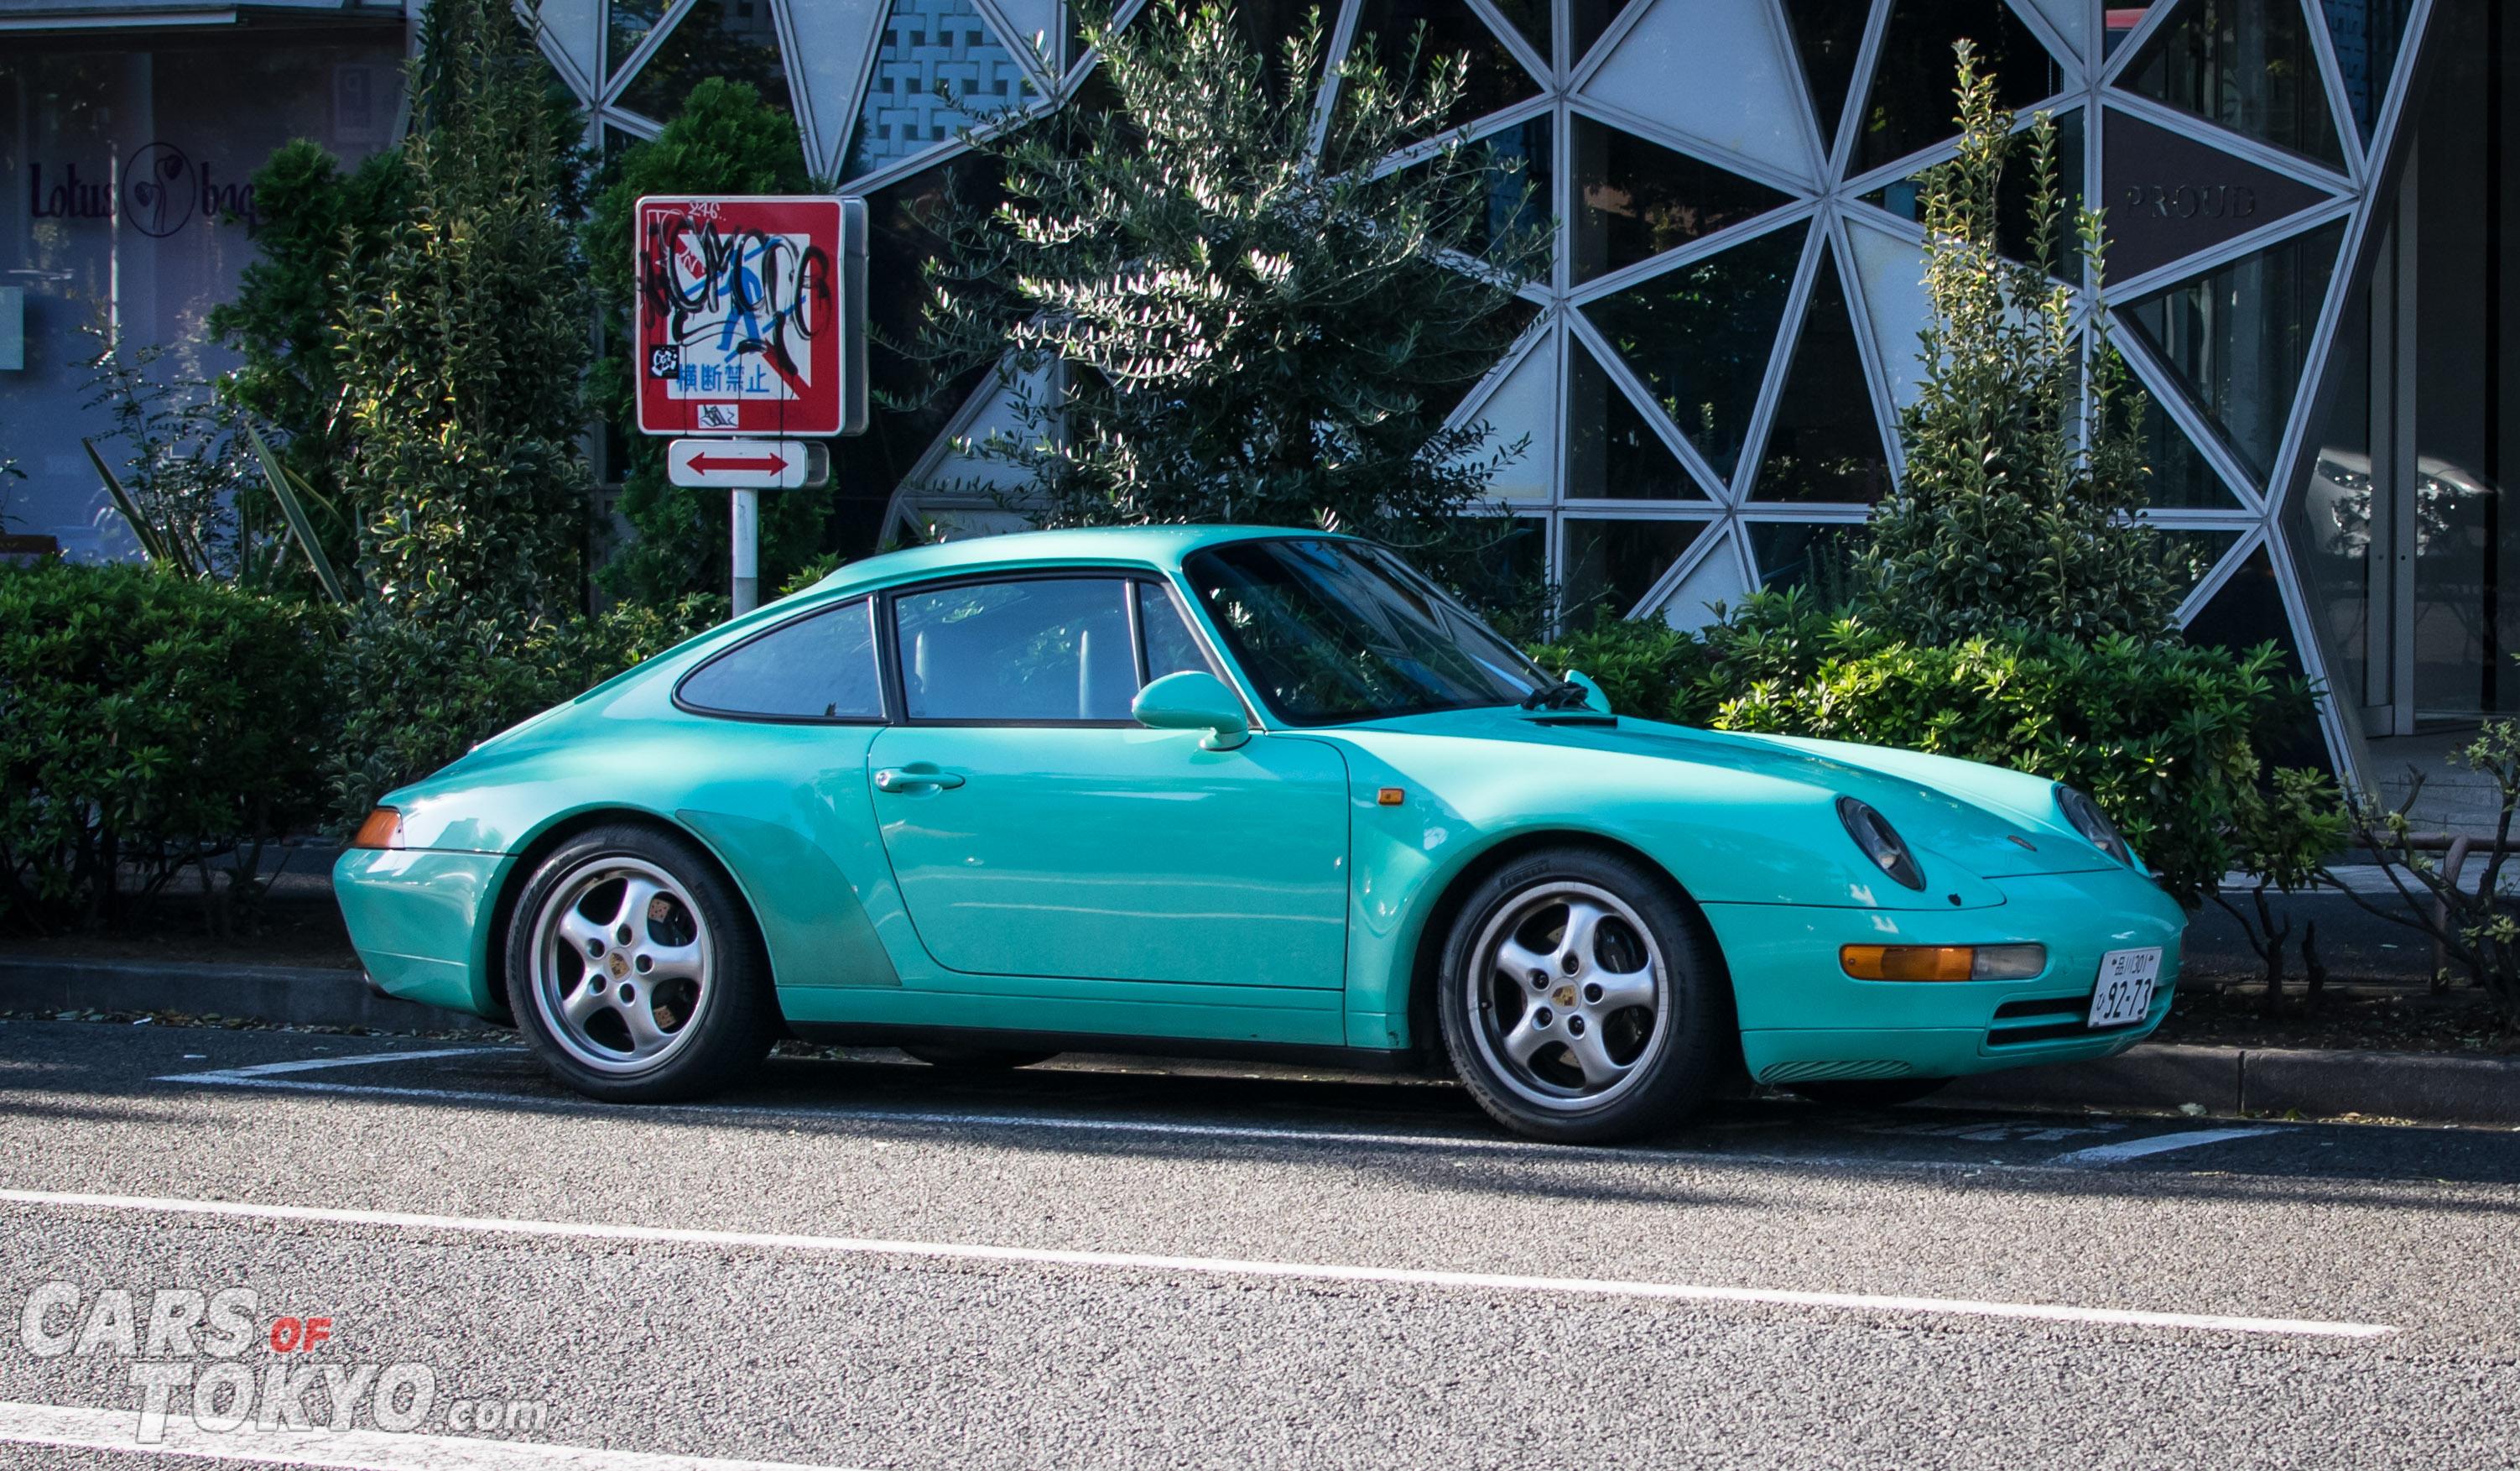 Cars of Tokyo Unusual Spec Porsche 911